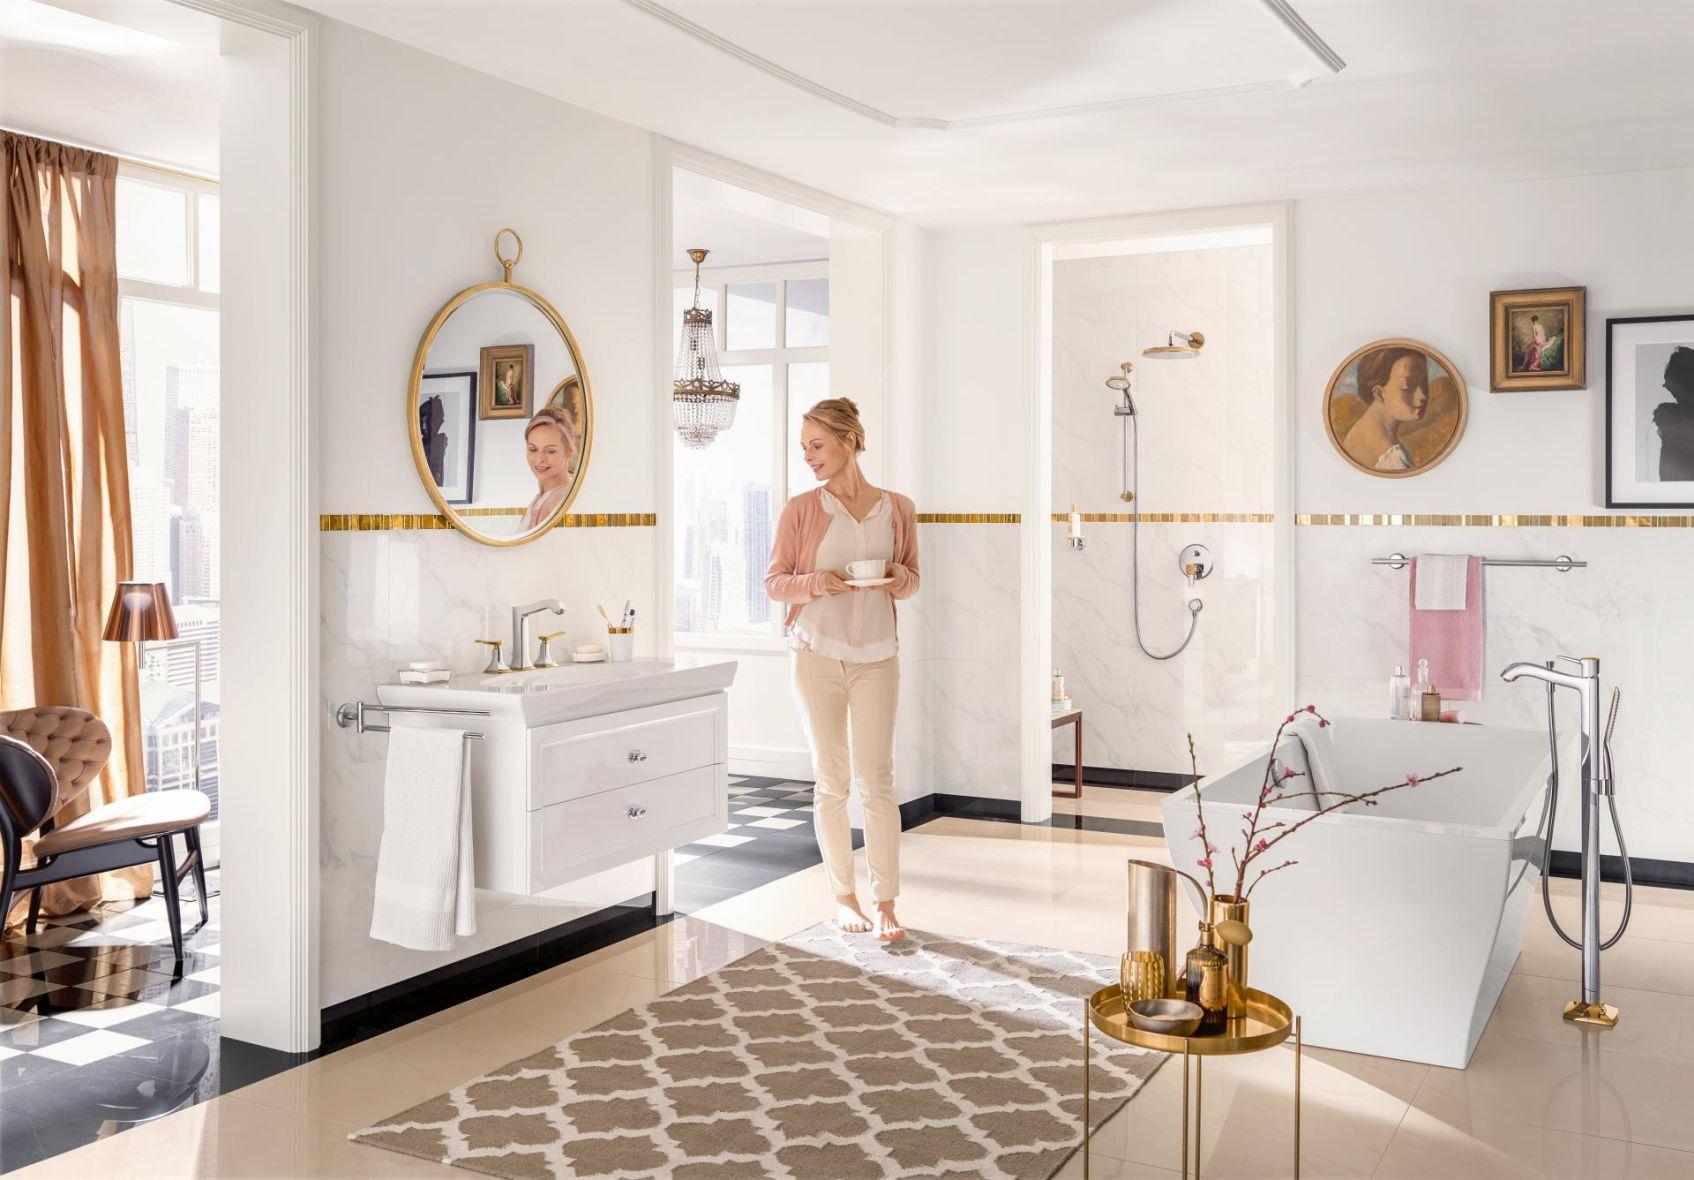 łazienka W Stylu Glamour Czyli Jak Stworzyć Wystrój Rodem Z